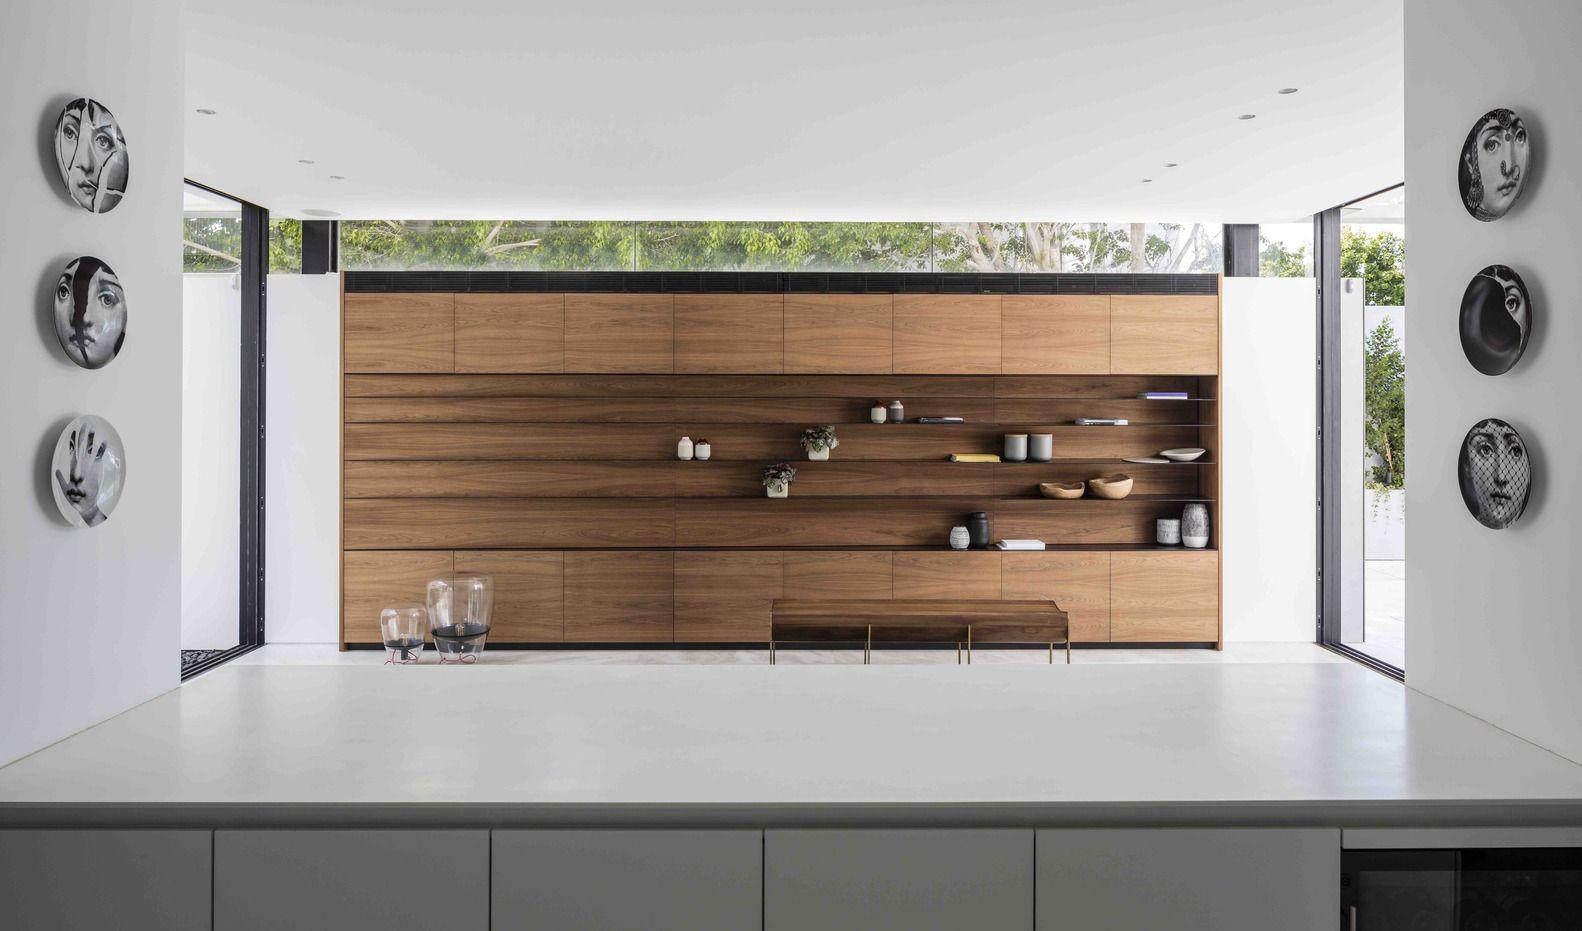 Galería de Casa N2 / Pitsou Kedem Architects - 34